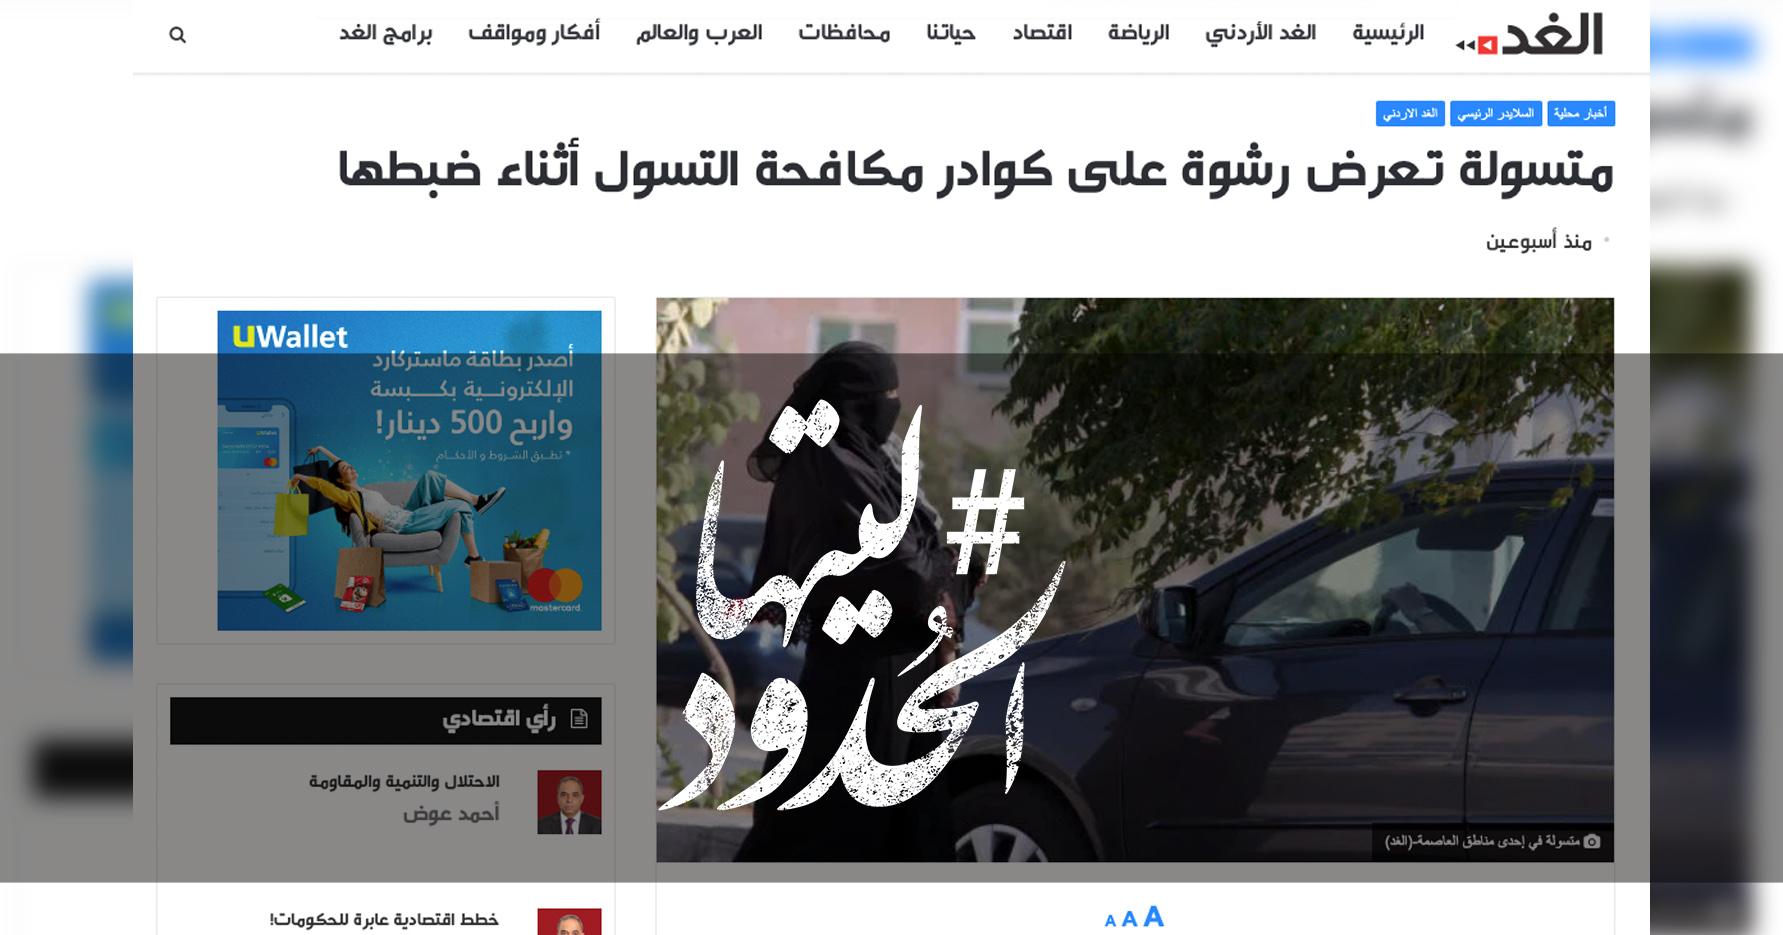 صورة متسولة تعرض رشوة على كوادر مكافحة التسول أثناء ضبطها